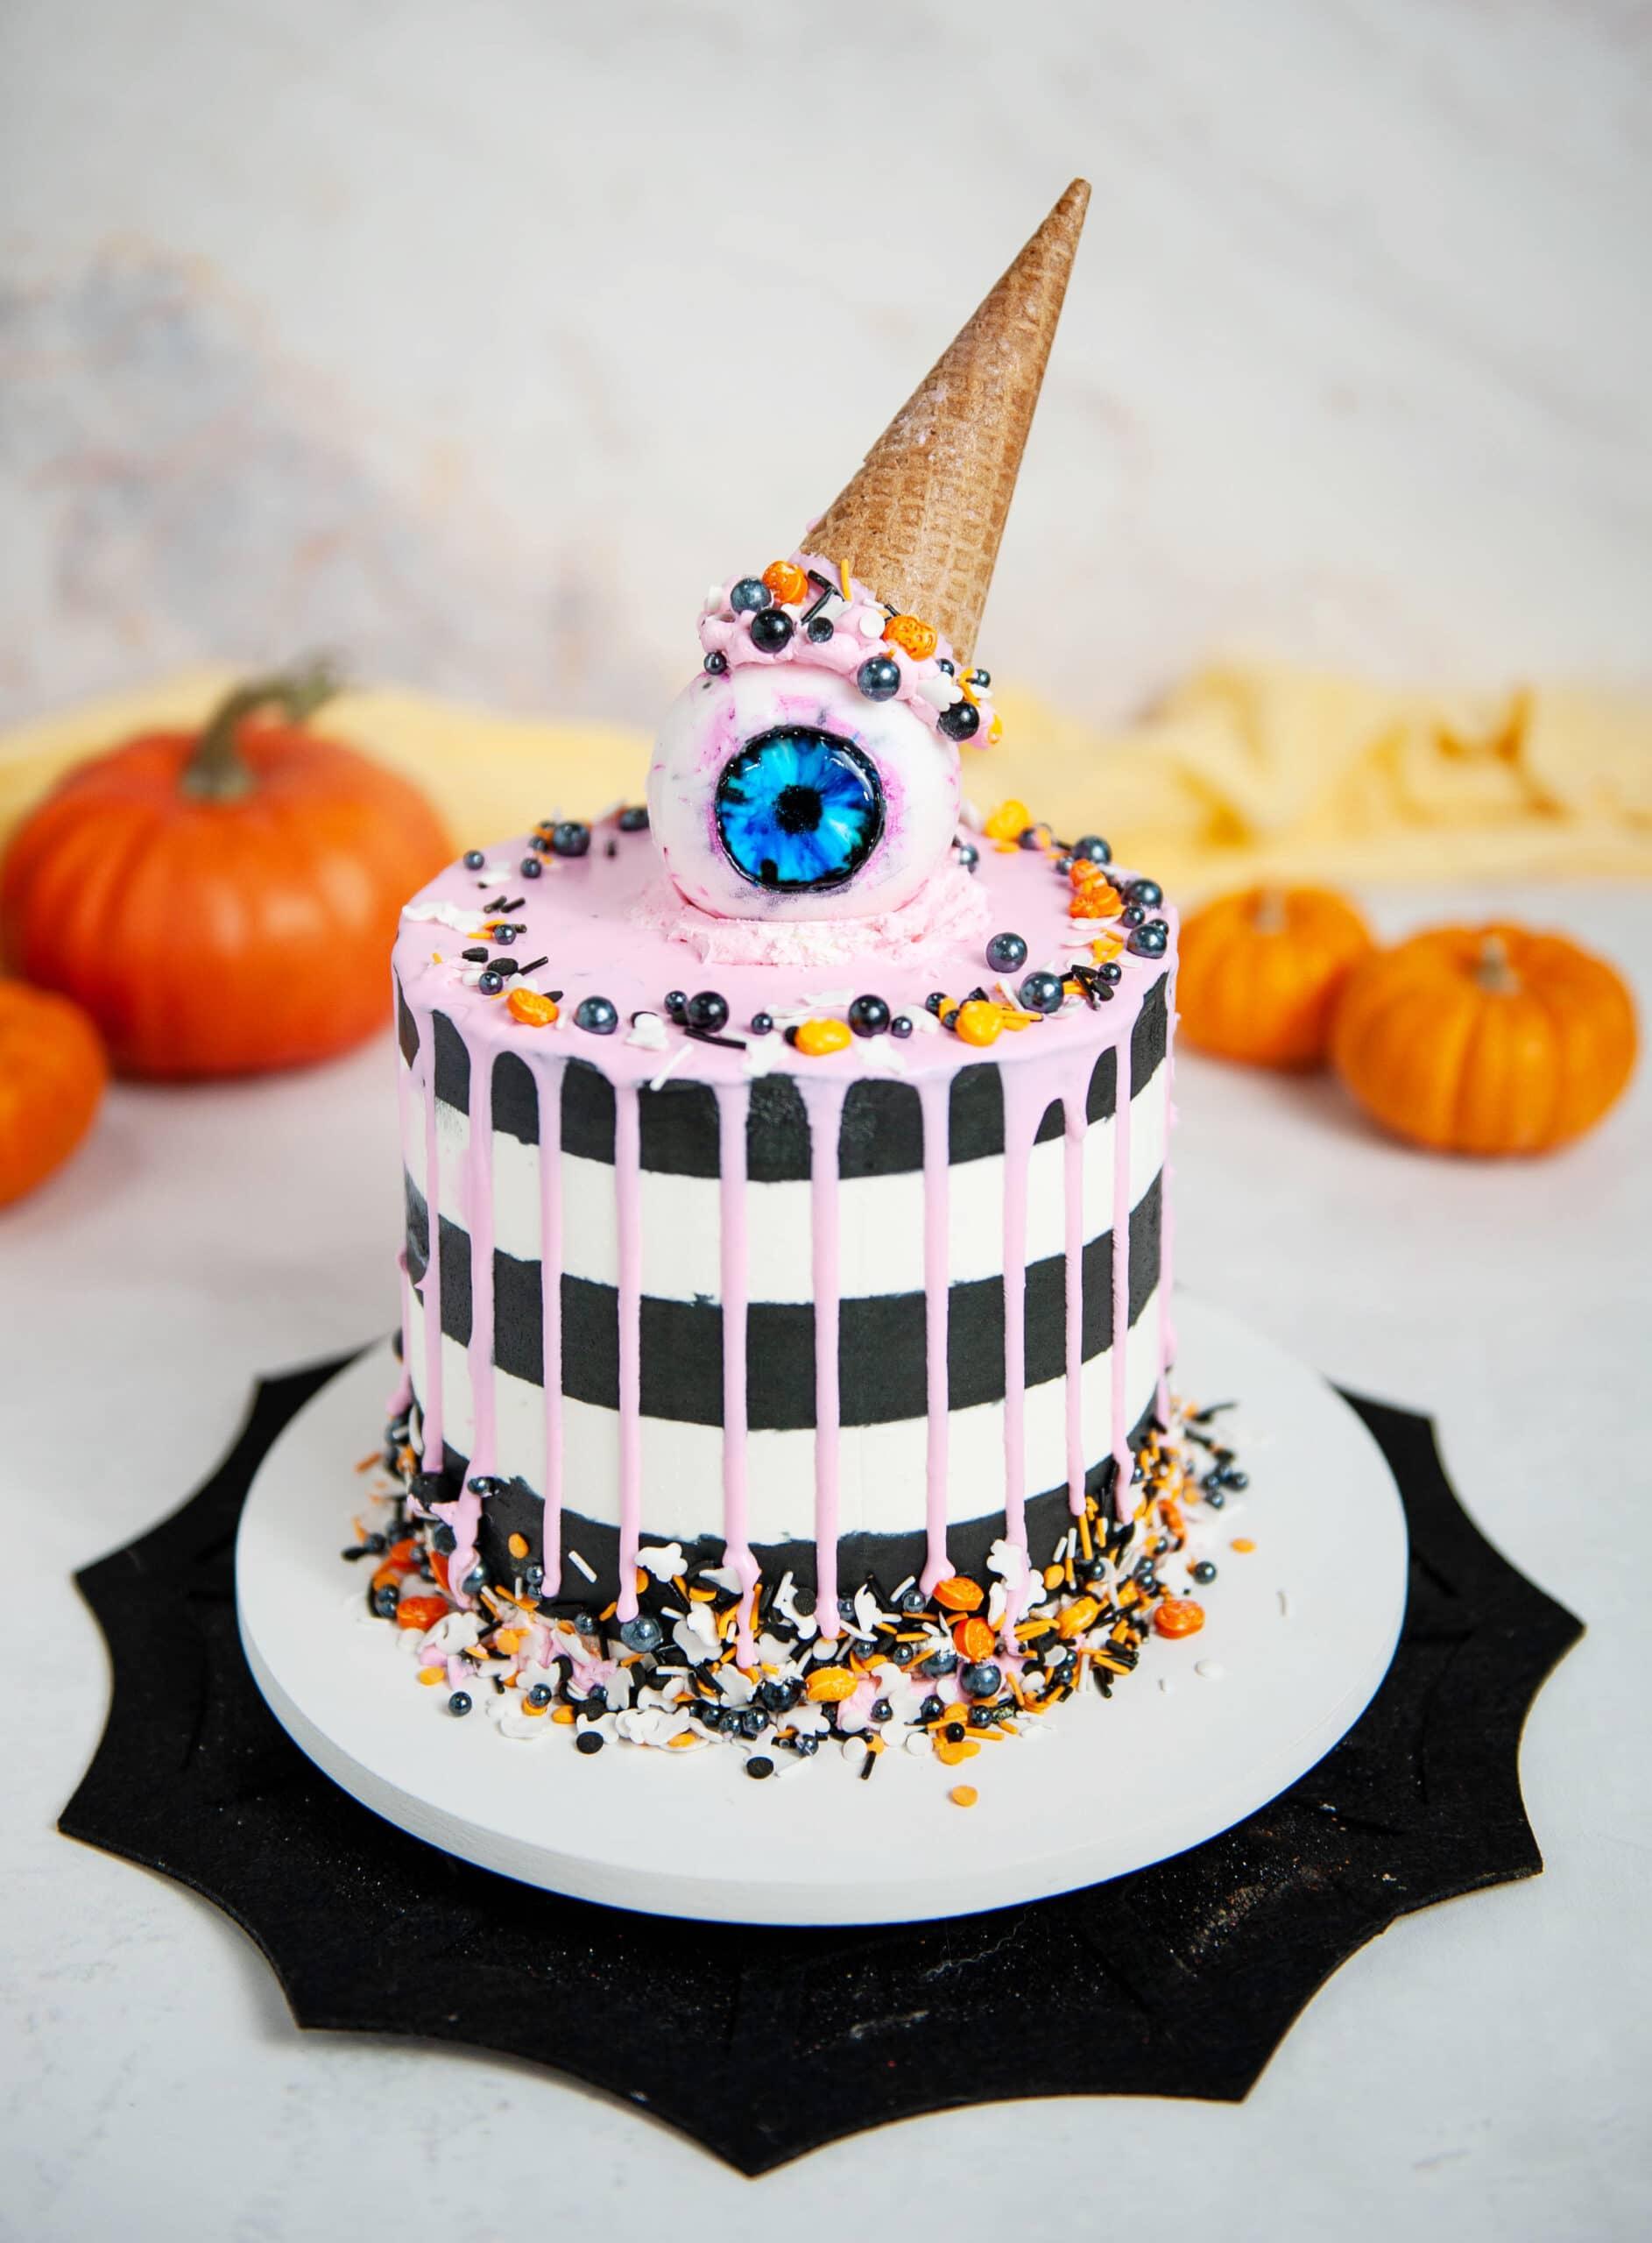 torta a strisce bianche e nere con gocce rosa, bulbo oculare gommoso con cono gelato in cima